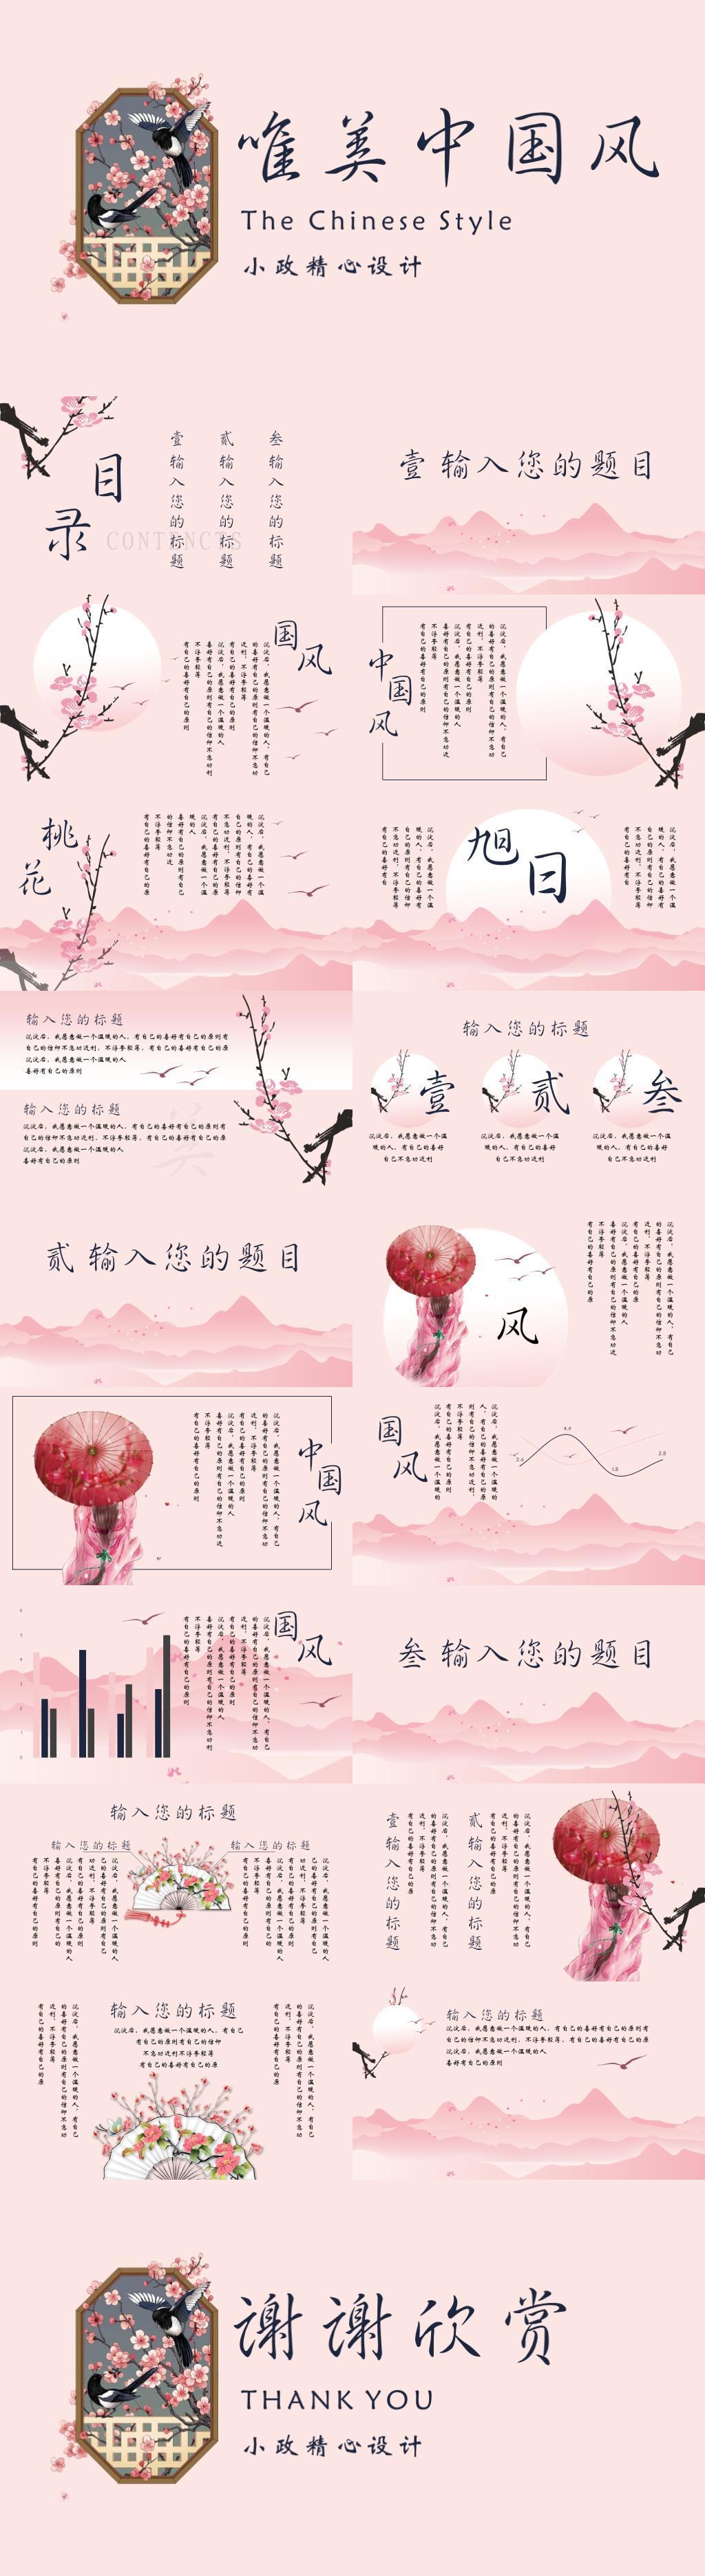 三生三世十里桃花唯美中国风模版